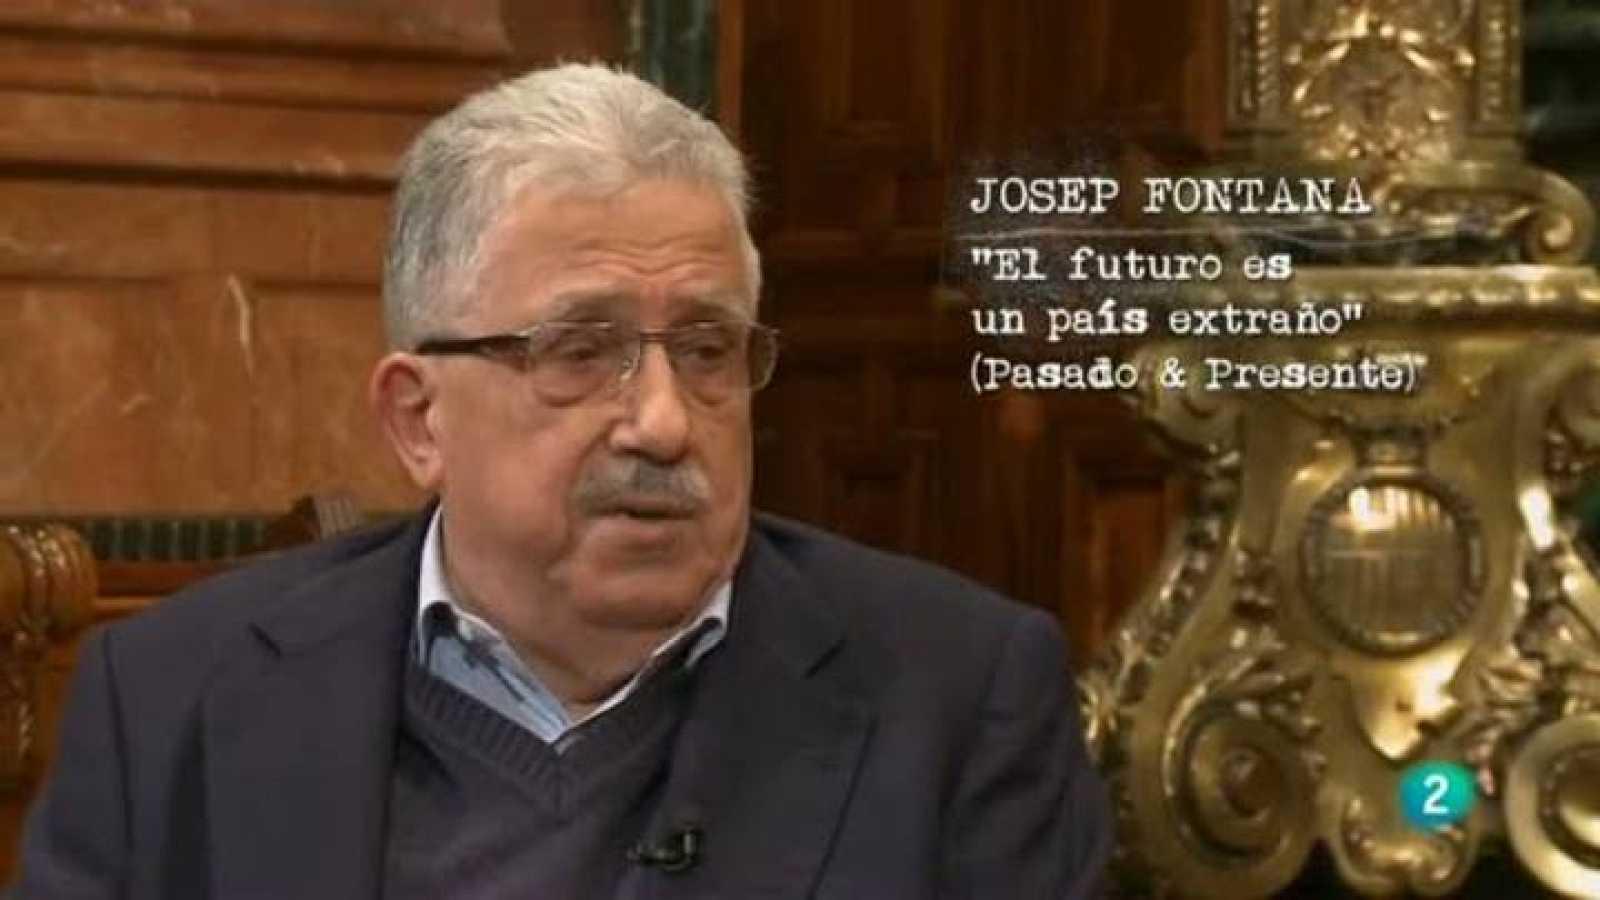 Página 2 - Entrevista: Josep Fontana